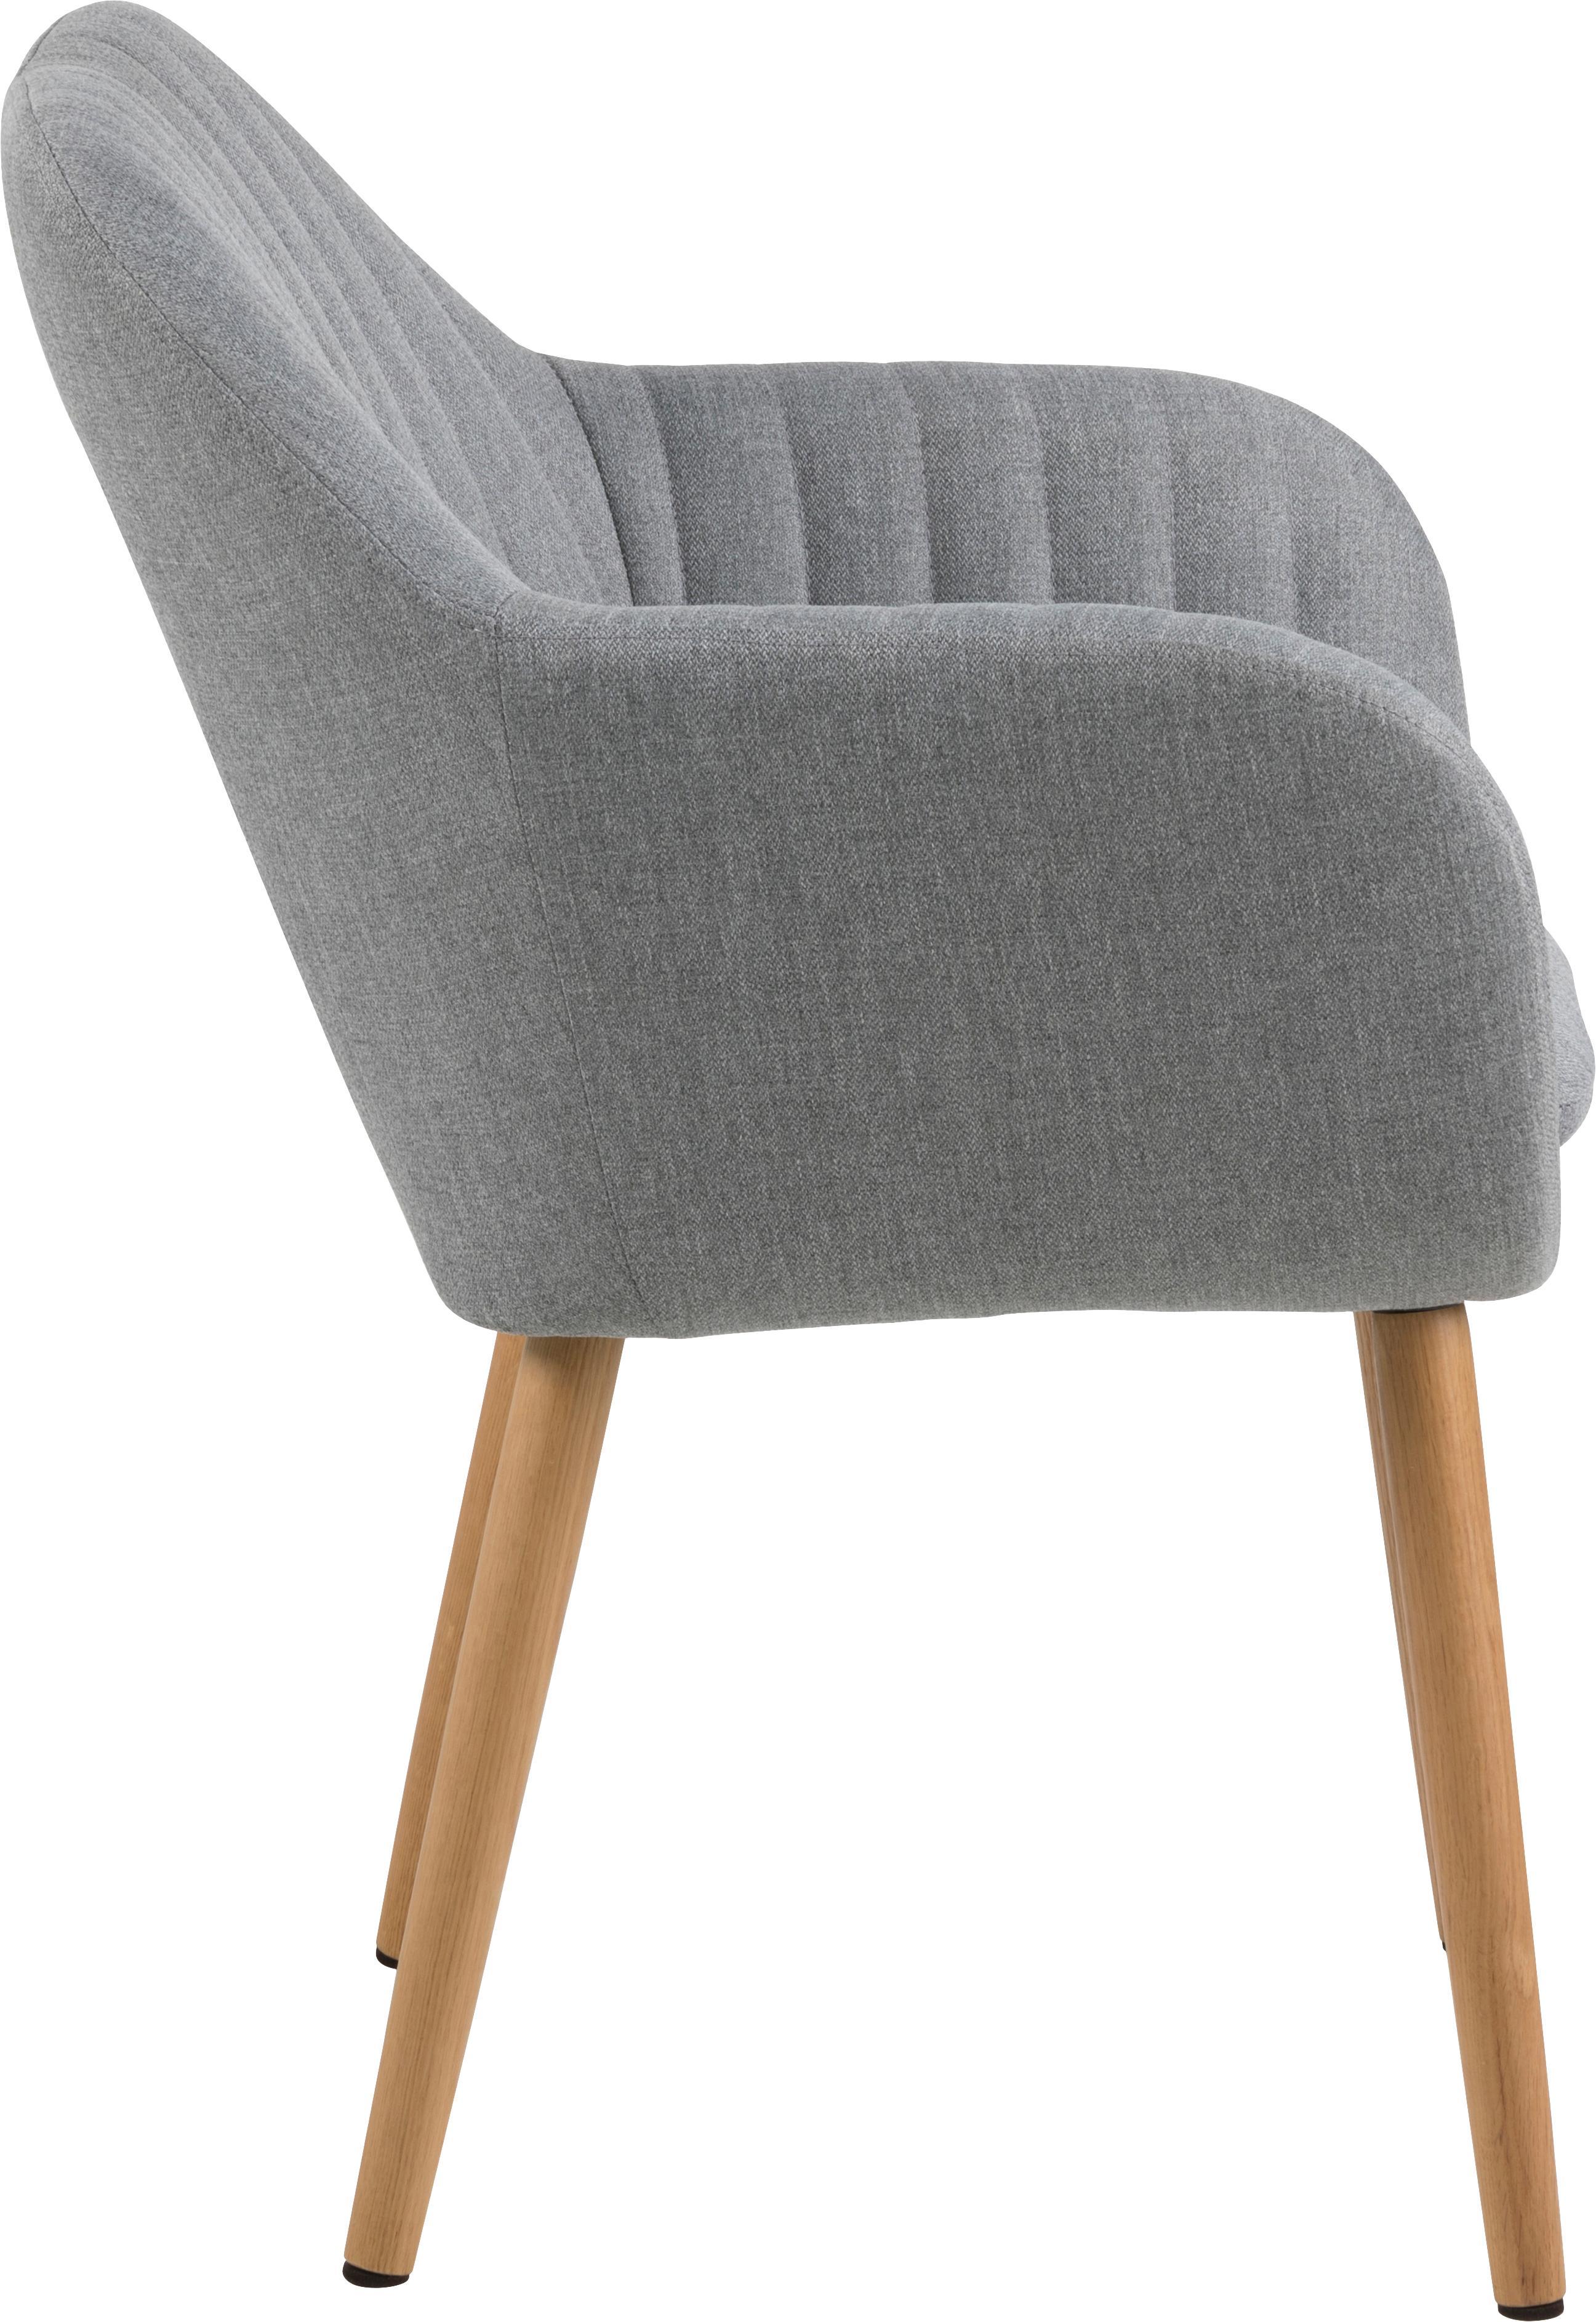 Fotel Emilia, Tapicerka: poliester, Nogi: drewno dębowe, olejowane , Jasnoszary, S 57 x G 59 cm